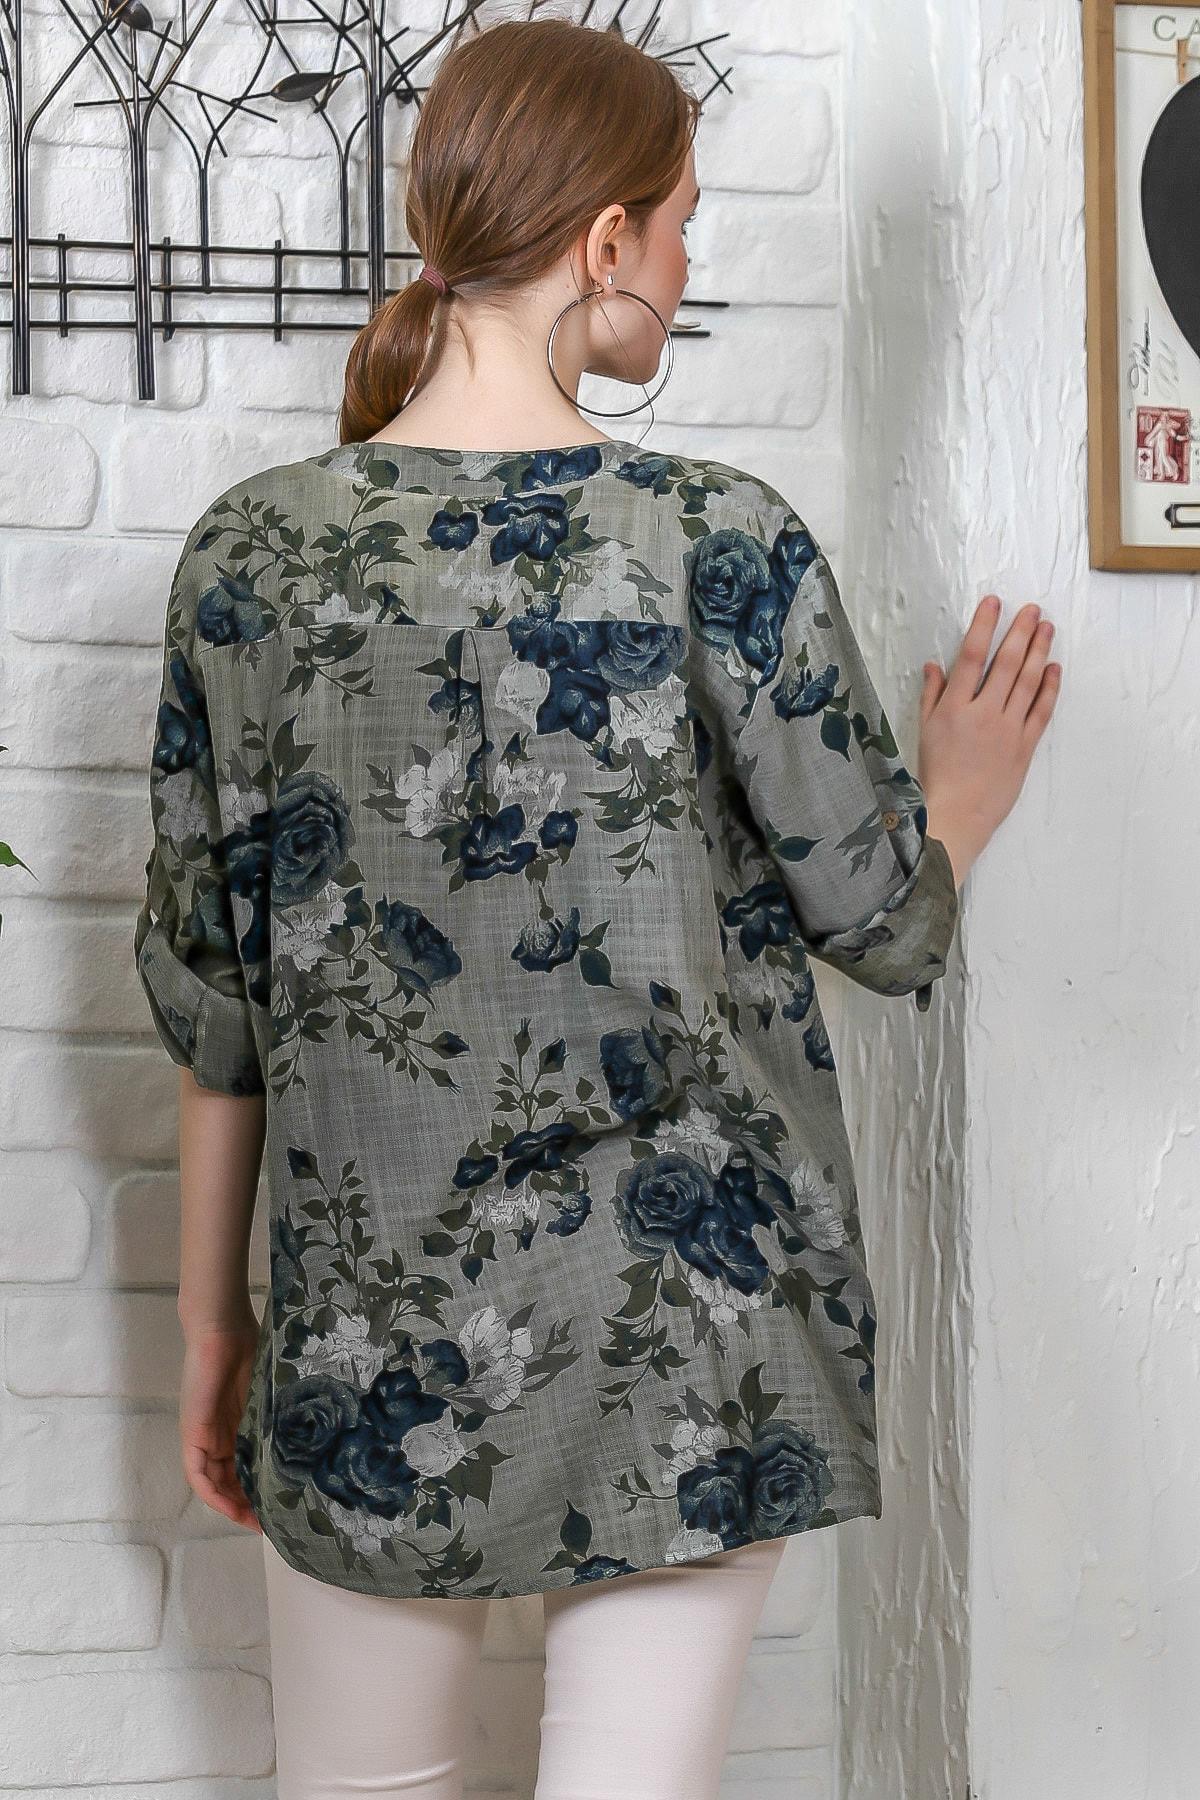 Chiccy Kadın Haki Sıfır Yaka Patı Düğme Detaylı Çiçek Desenli Salaş Gömlek M10010200BL95486 4